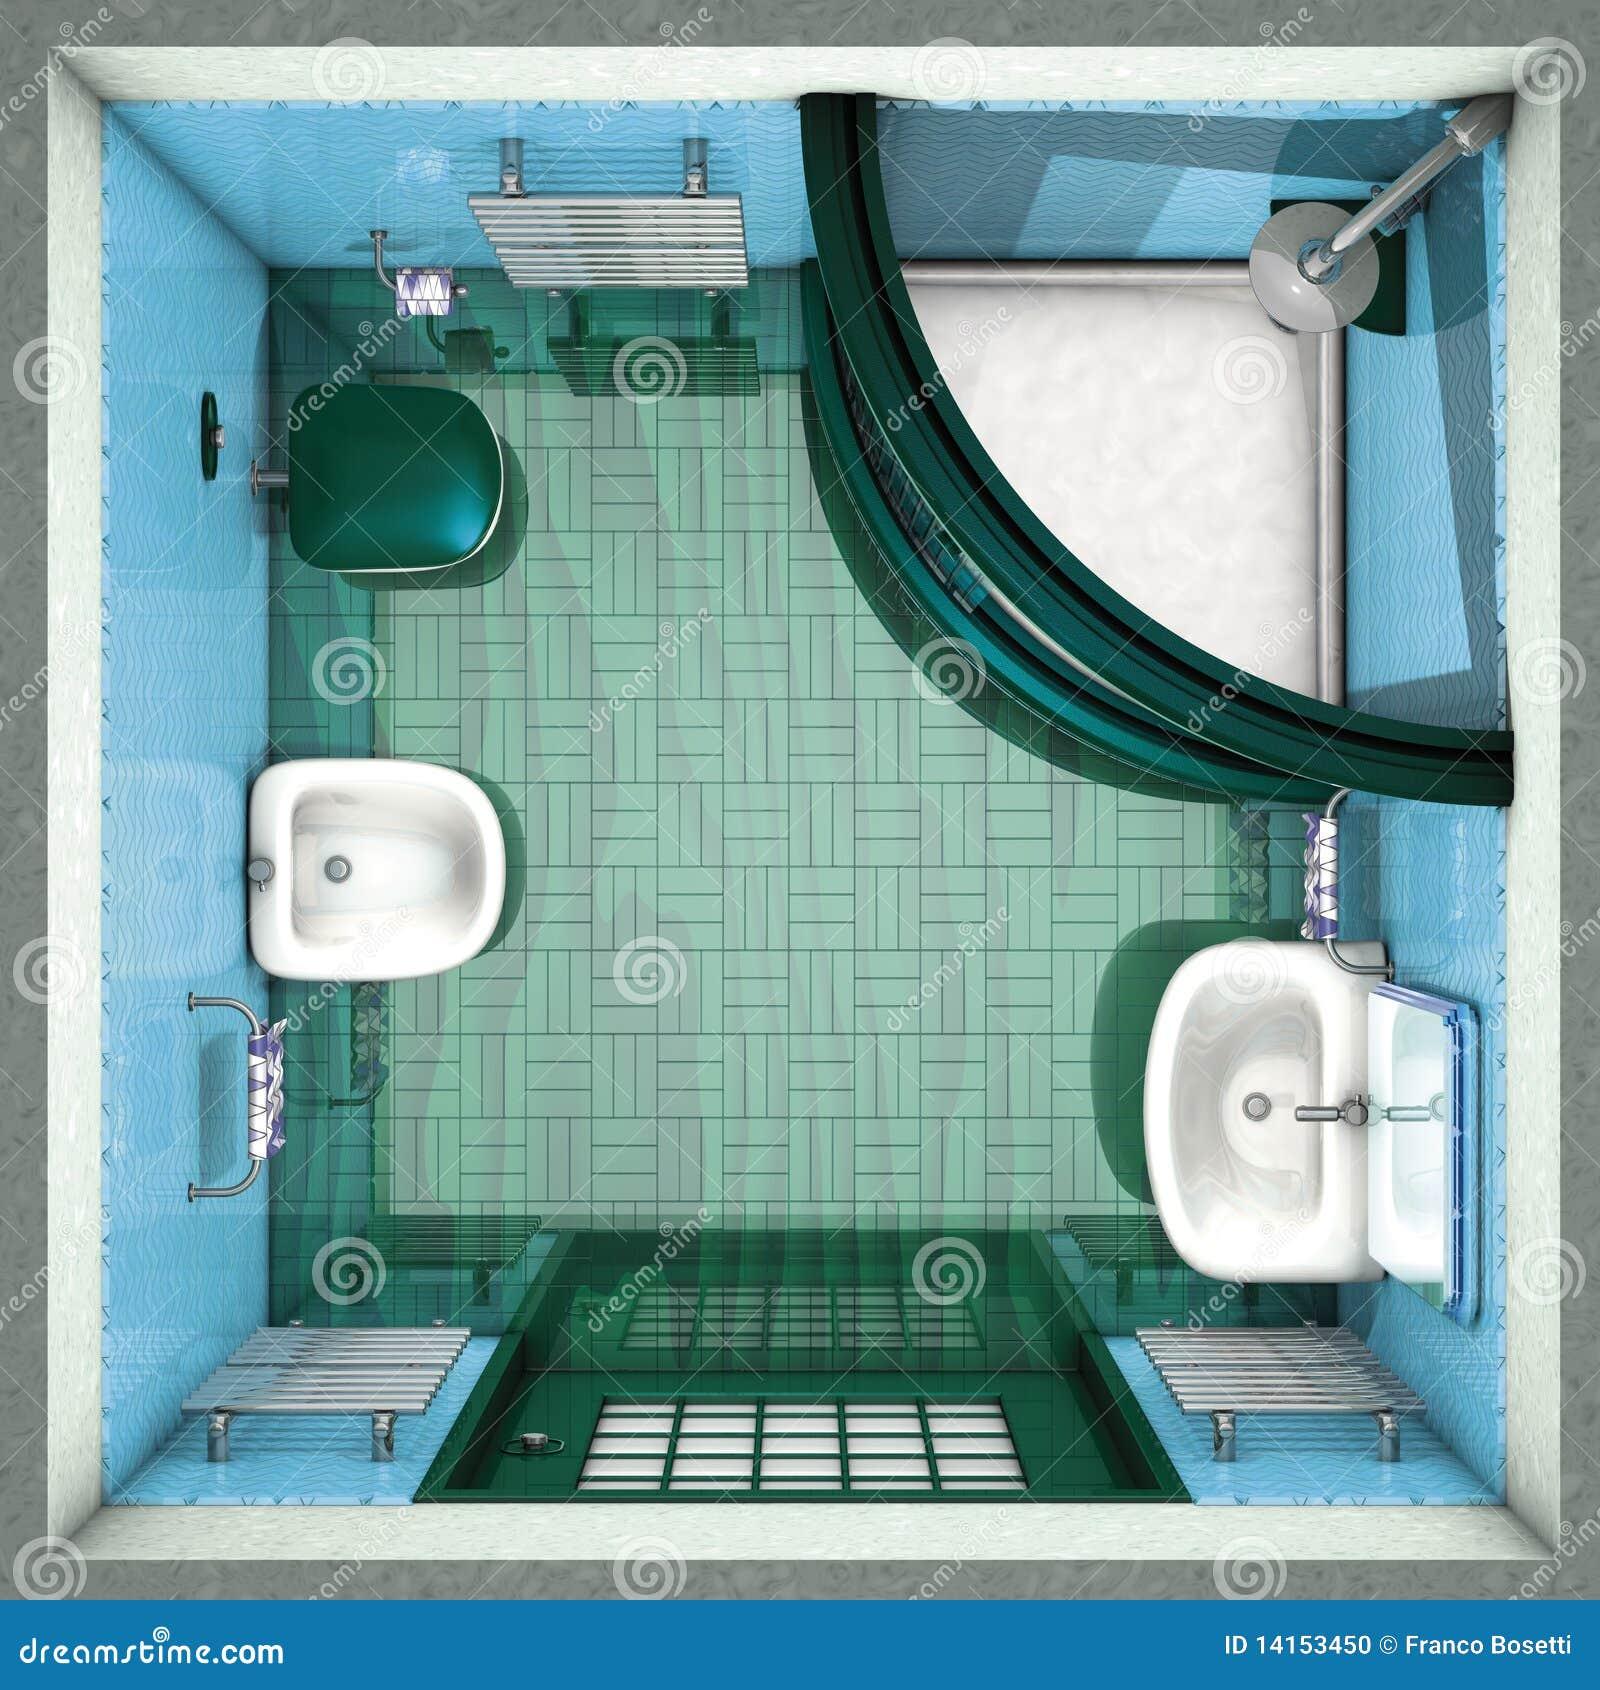 Bathroom green top stock illustration. Illustration of inside - 14153450